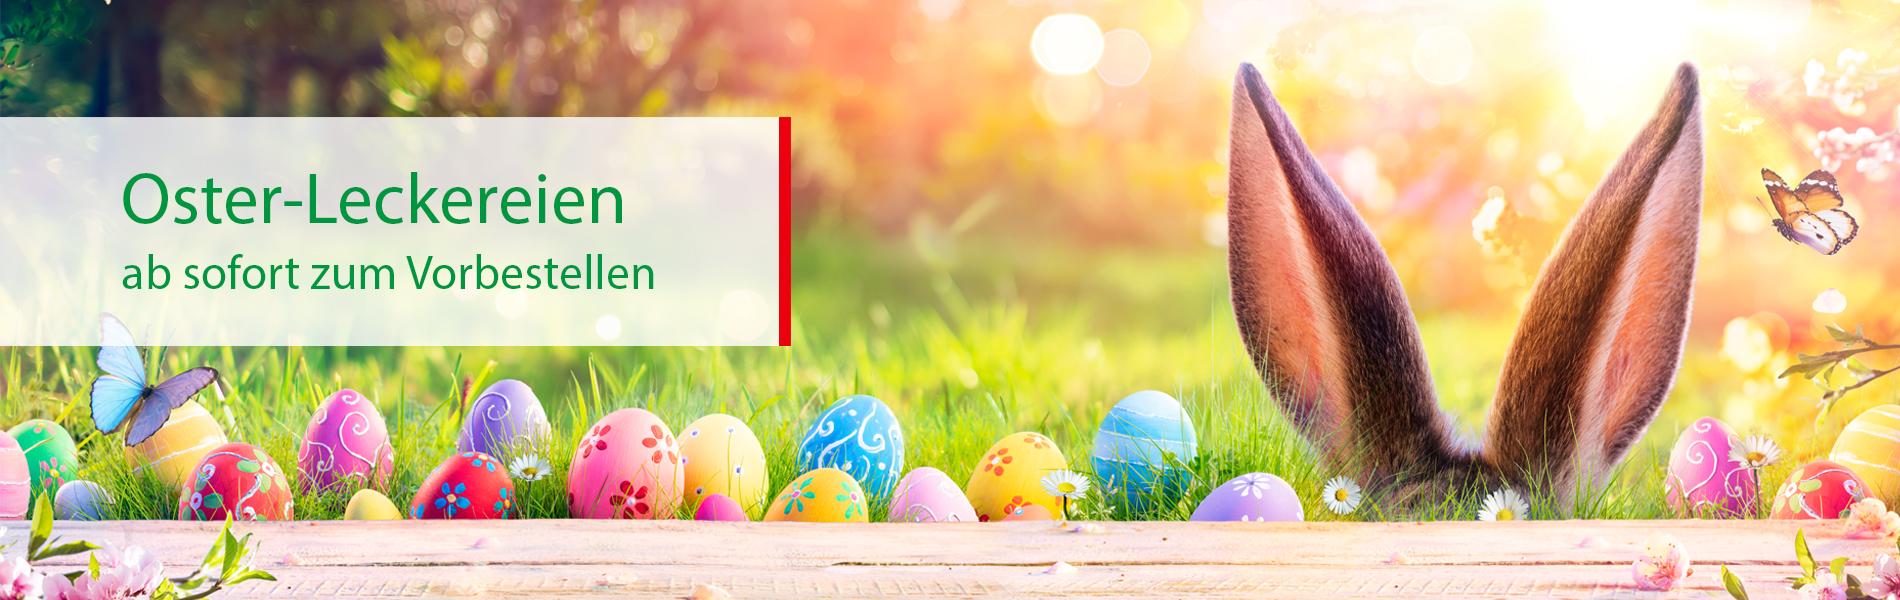 Ostern vorbstellen